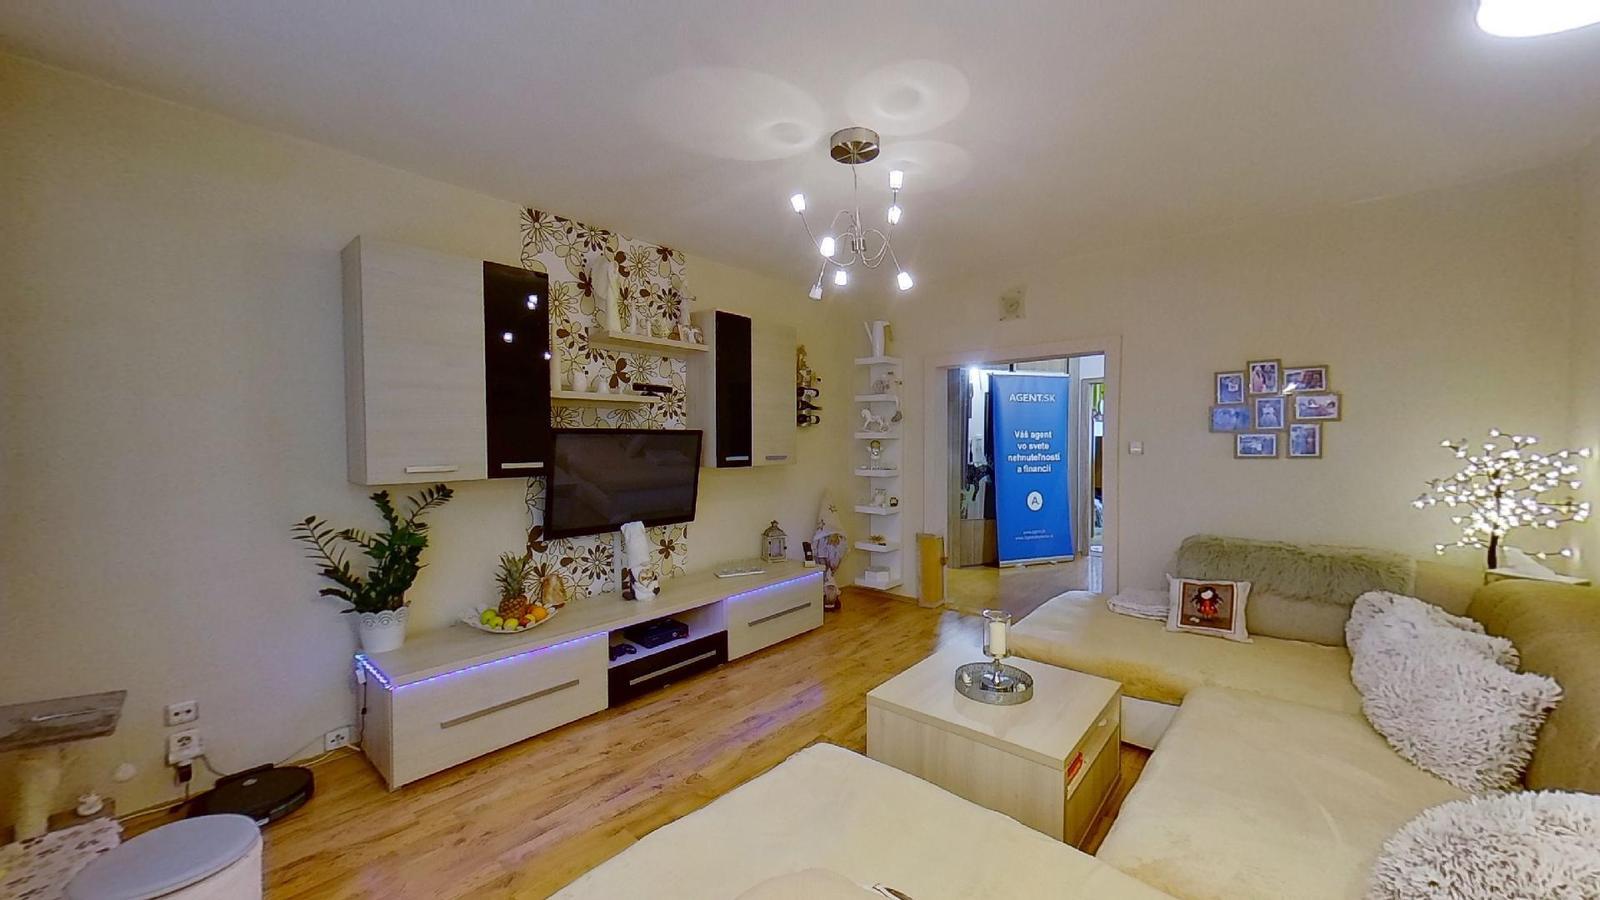 Zmodernizovaný 3-izbový byt v Čadci +421 918 127 259 - Obrázok č. 1